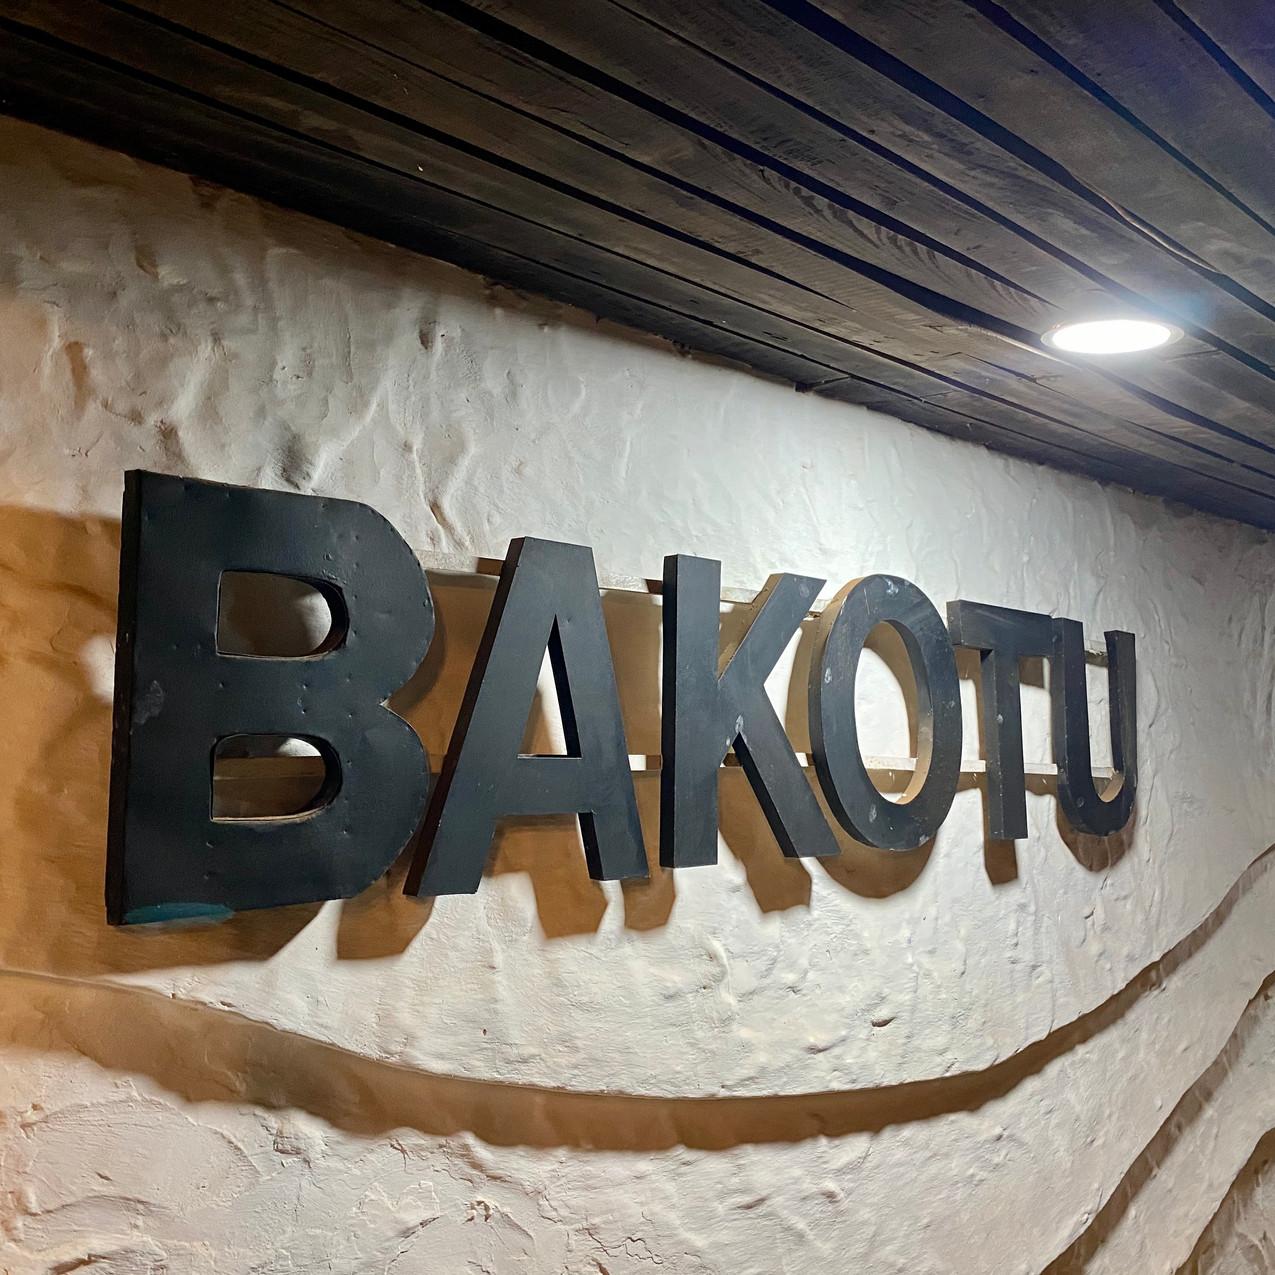 Bakotu Hotel